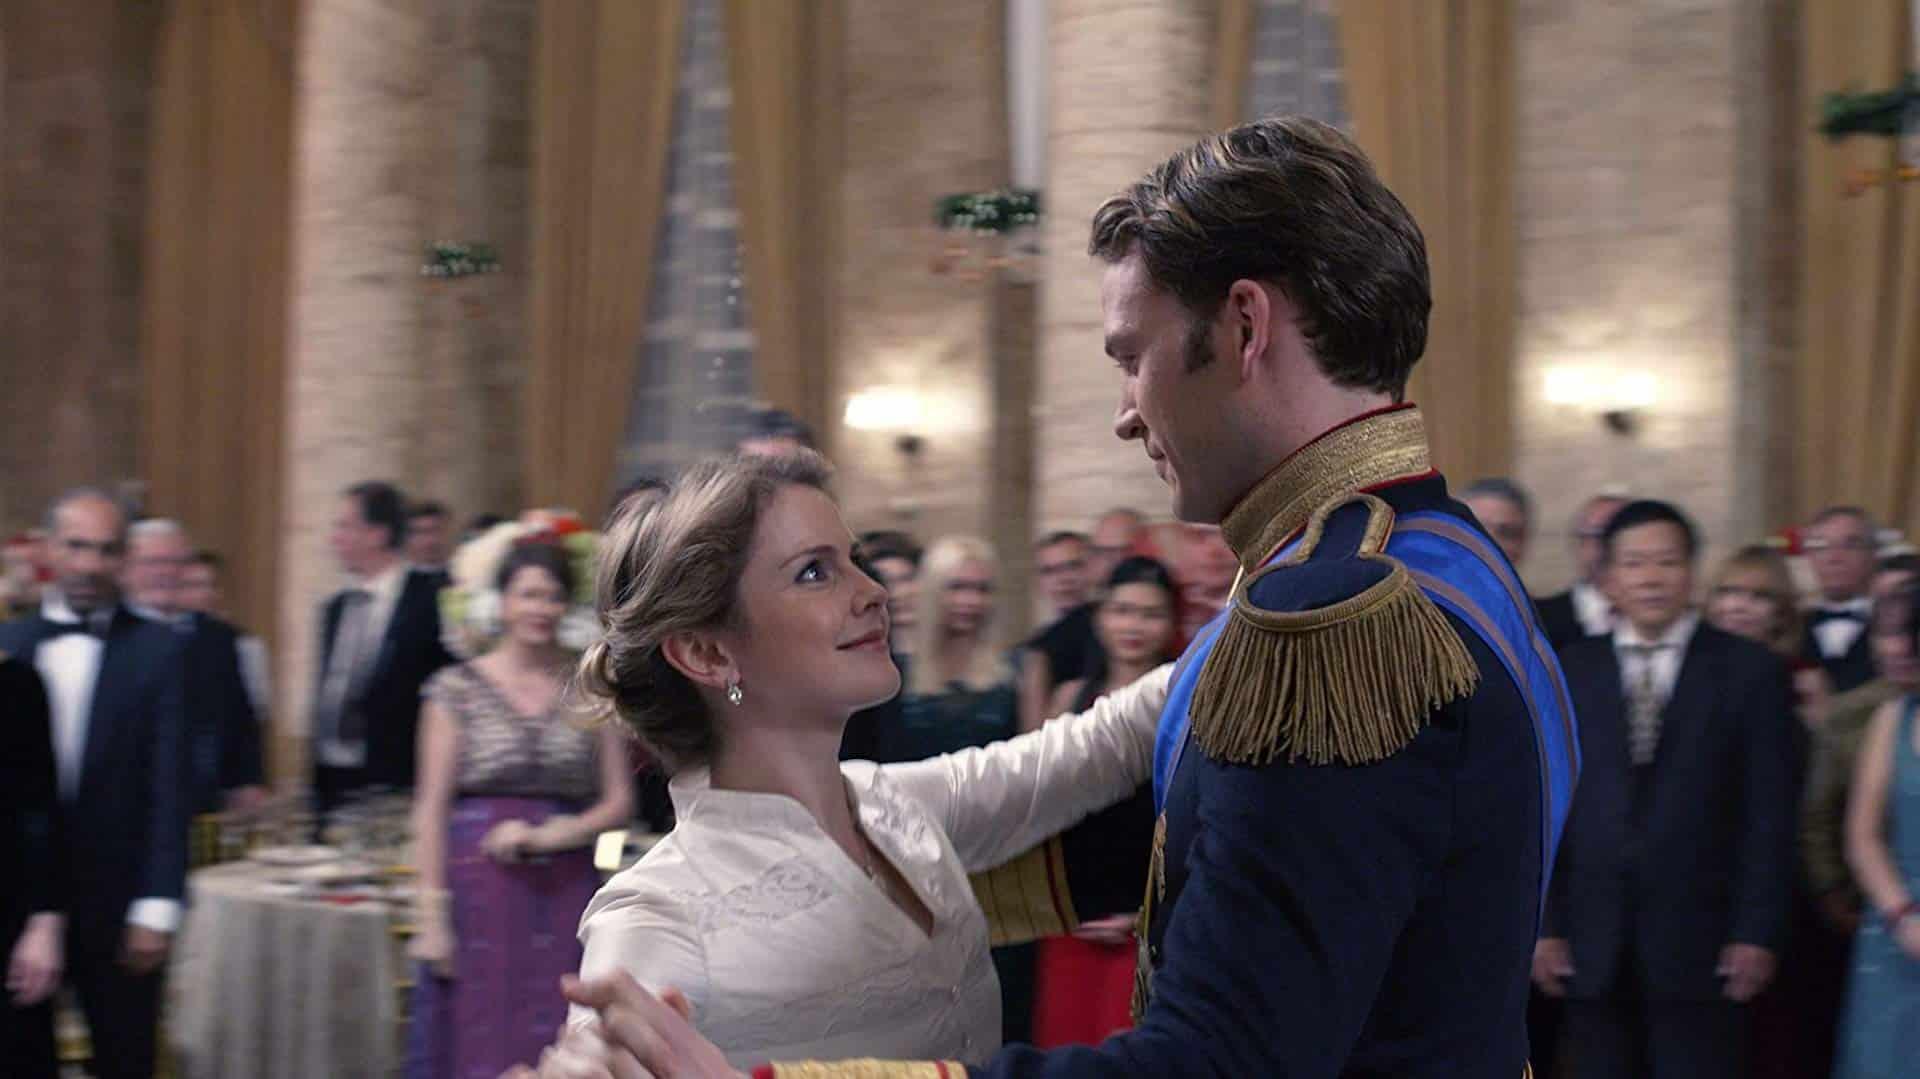 Un principe per Natale: Matrimonio reale